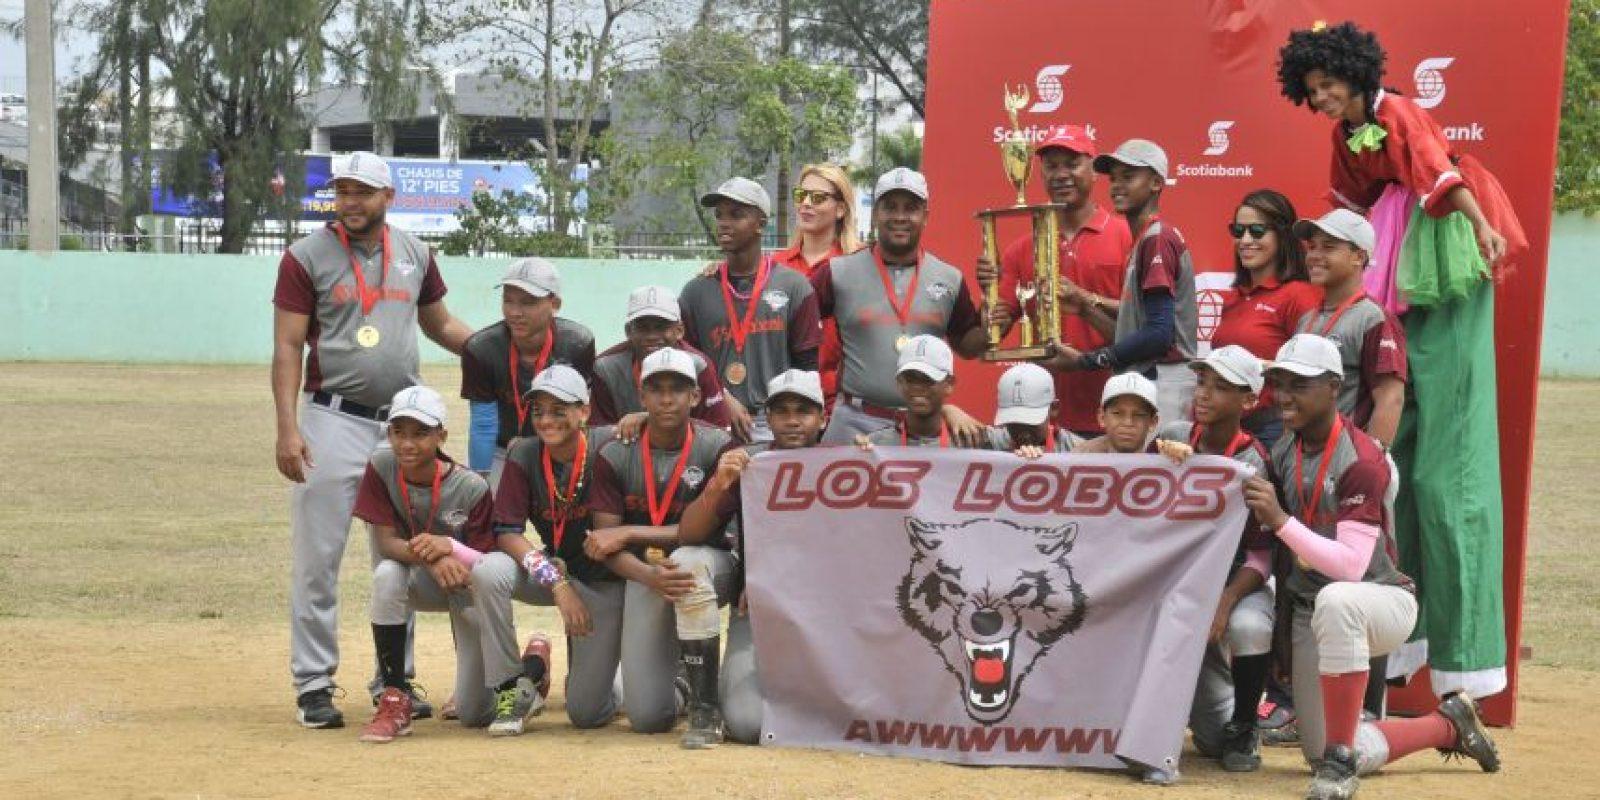 Cristian Pimentel y su equipo Lobos del Distrito reciben el trofeo de campeones entregado por Moisés Alou y las ejecutivas de Scotibank Ana Abreu y Lissa Jiménez. Foto:Fuente Externa